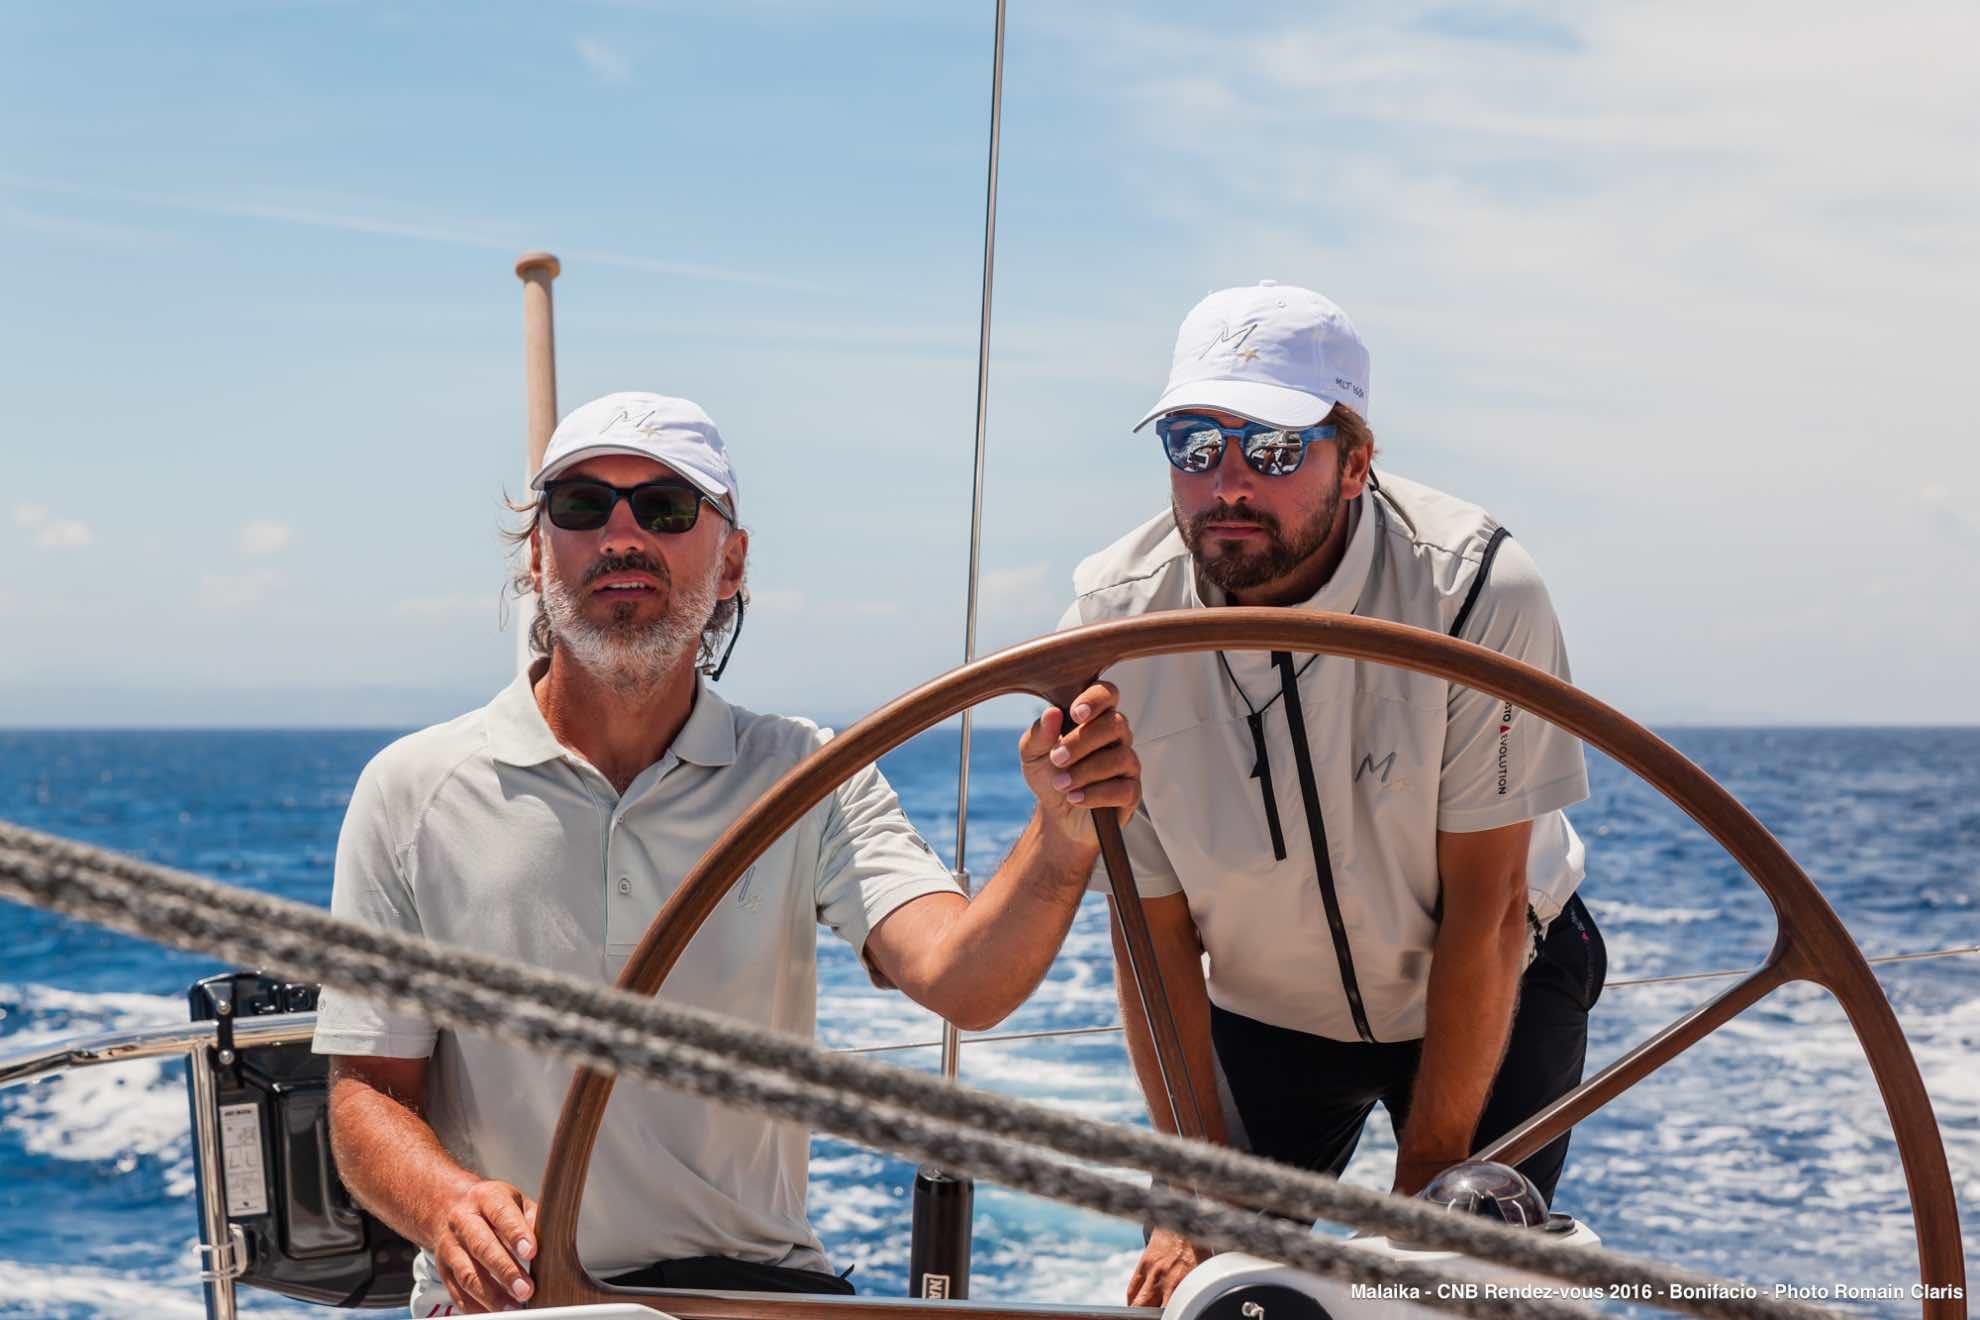 Profi Regatta-Segler Boris Herrmann leitet uns als Taktiker mir viel Ruhe und Erfahrung durch die Manöver.